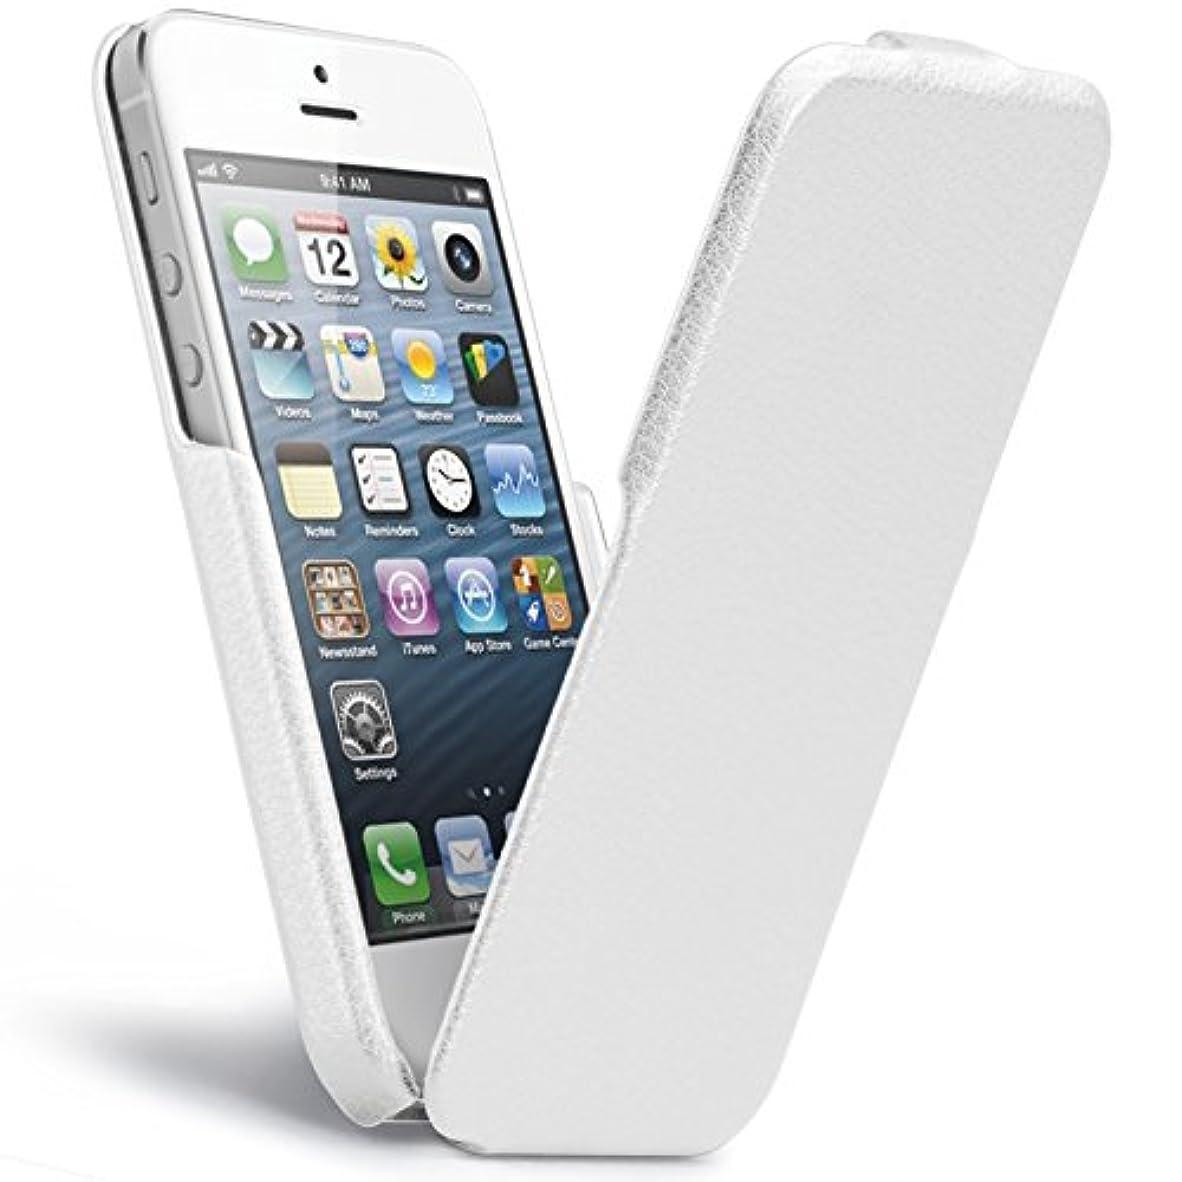 たるみ編集者アスレチックCase-Mate iPhone SE/iPhone 5s / iPhone 5 Signature Flip Case, White シグネイチャー フリップ ハンドメイド 本革レザー ケース, ホワイト CM022840